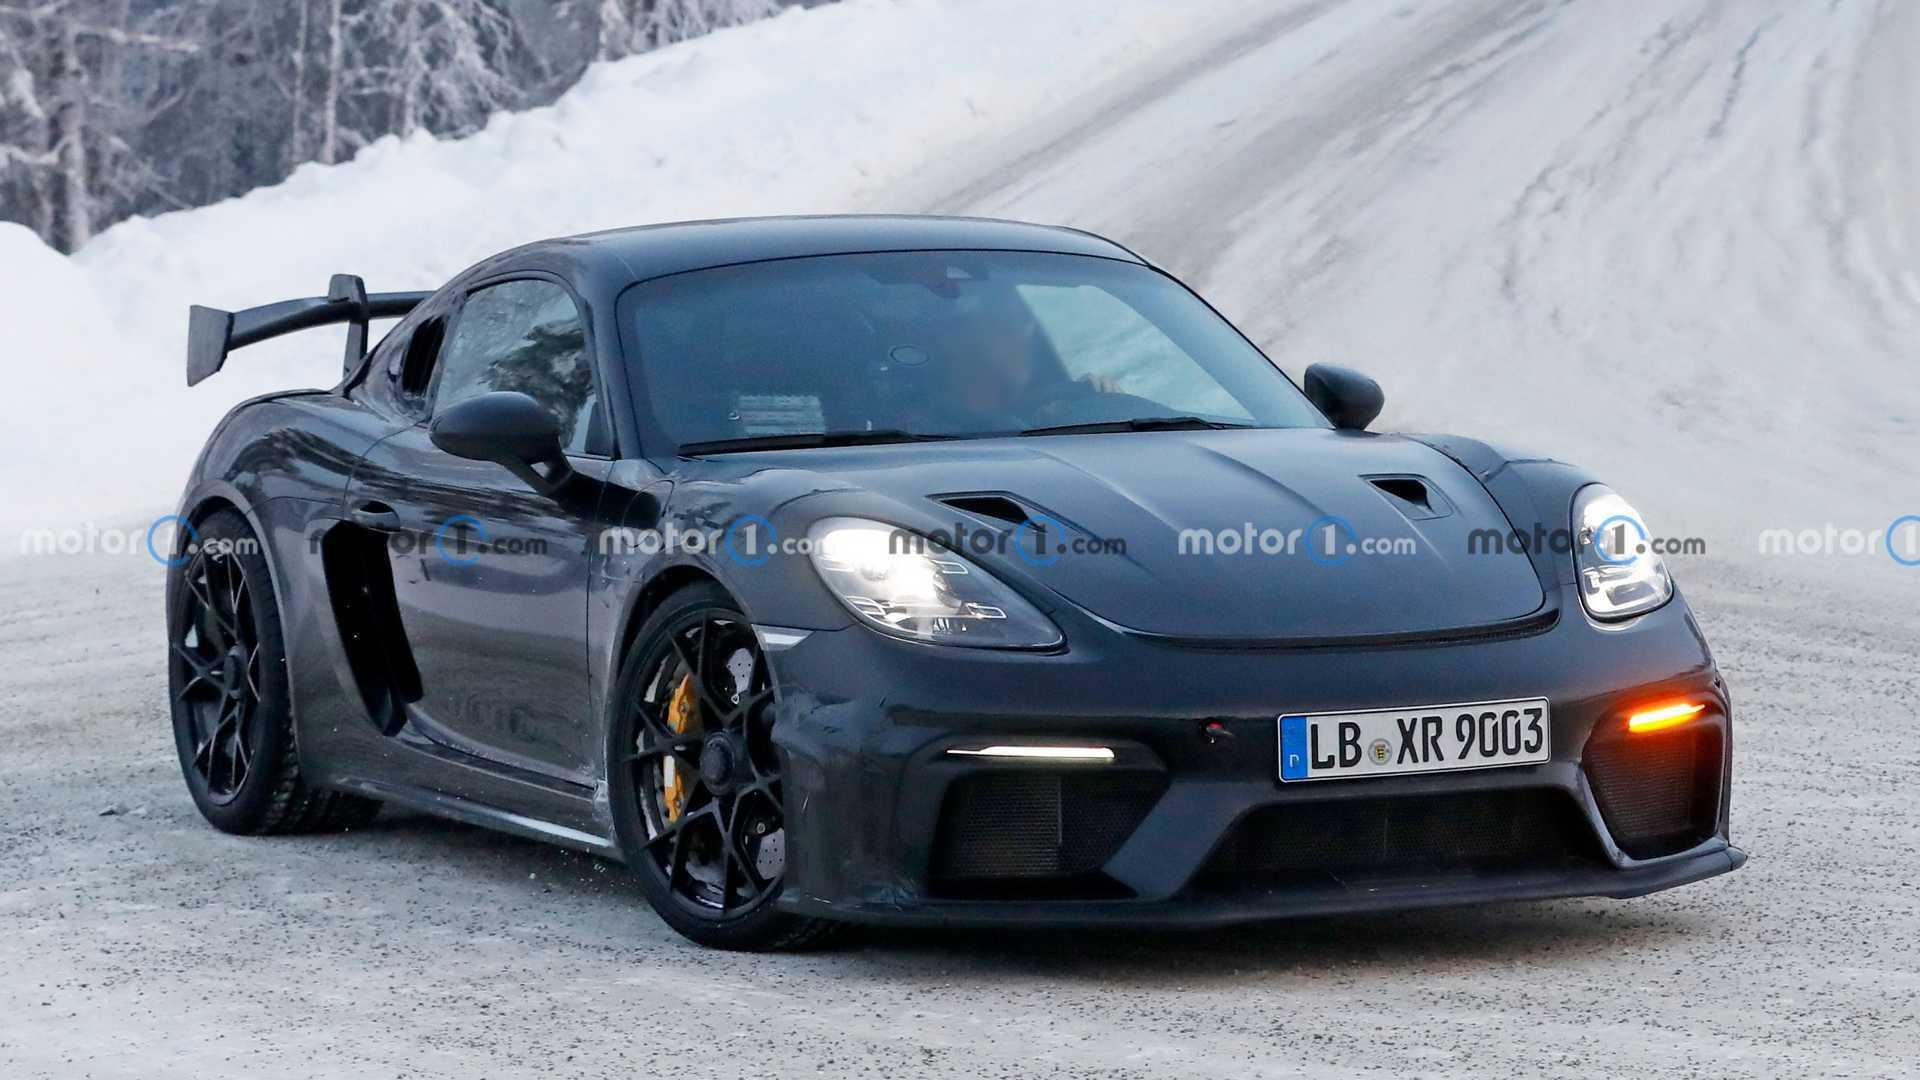 Porsche Cayman GT4 RS Spied Enjoying The Snow - Motor1